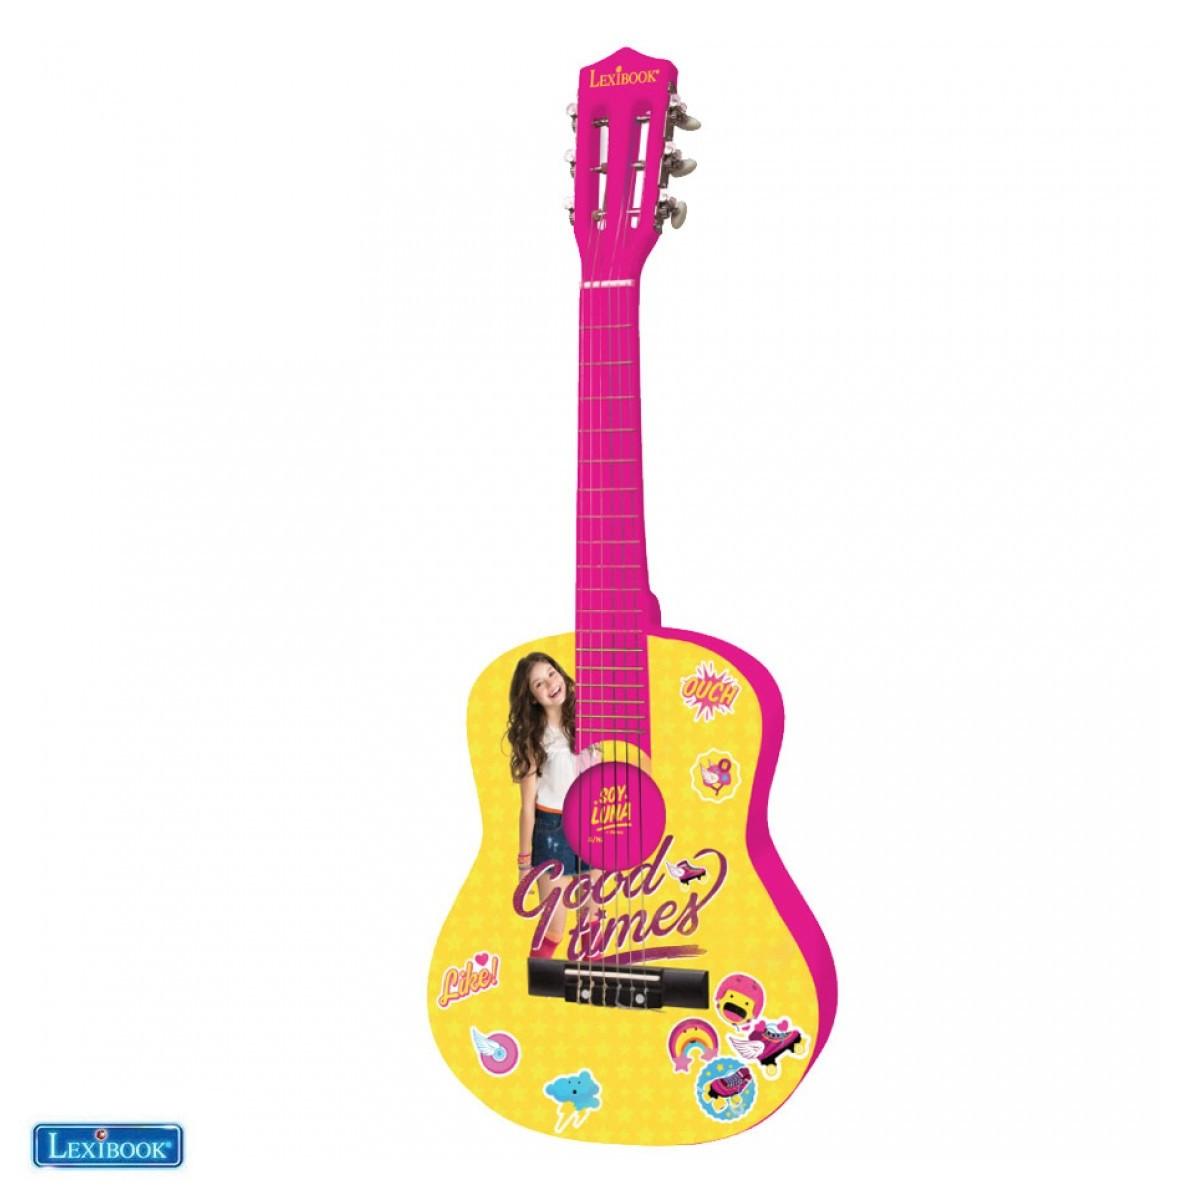 K2000SL - Guitare Acoustique Disney Soy Luna - Lexibook